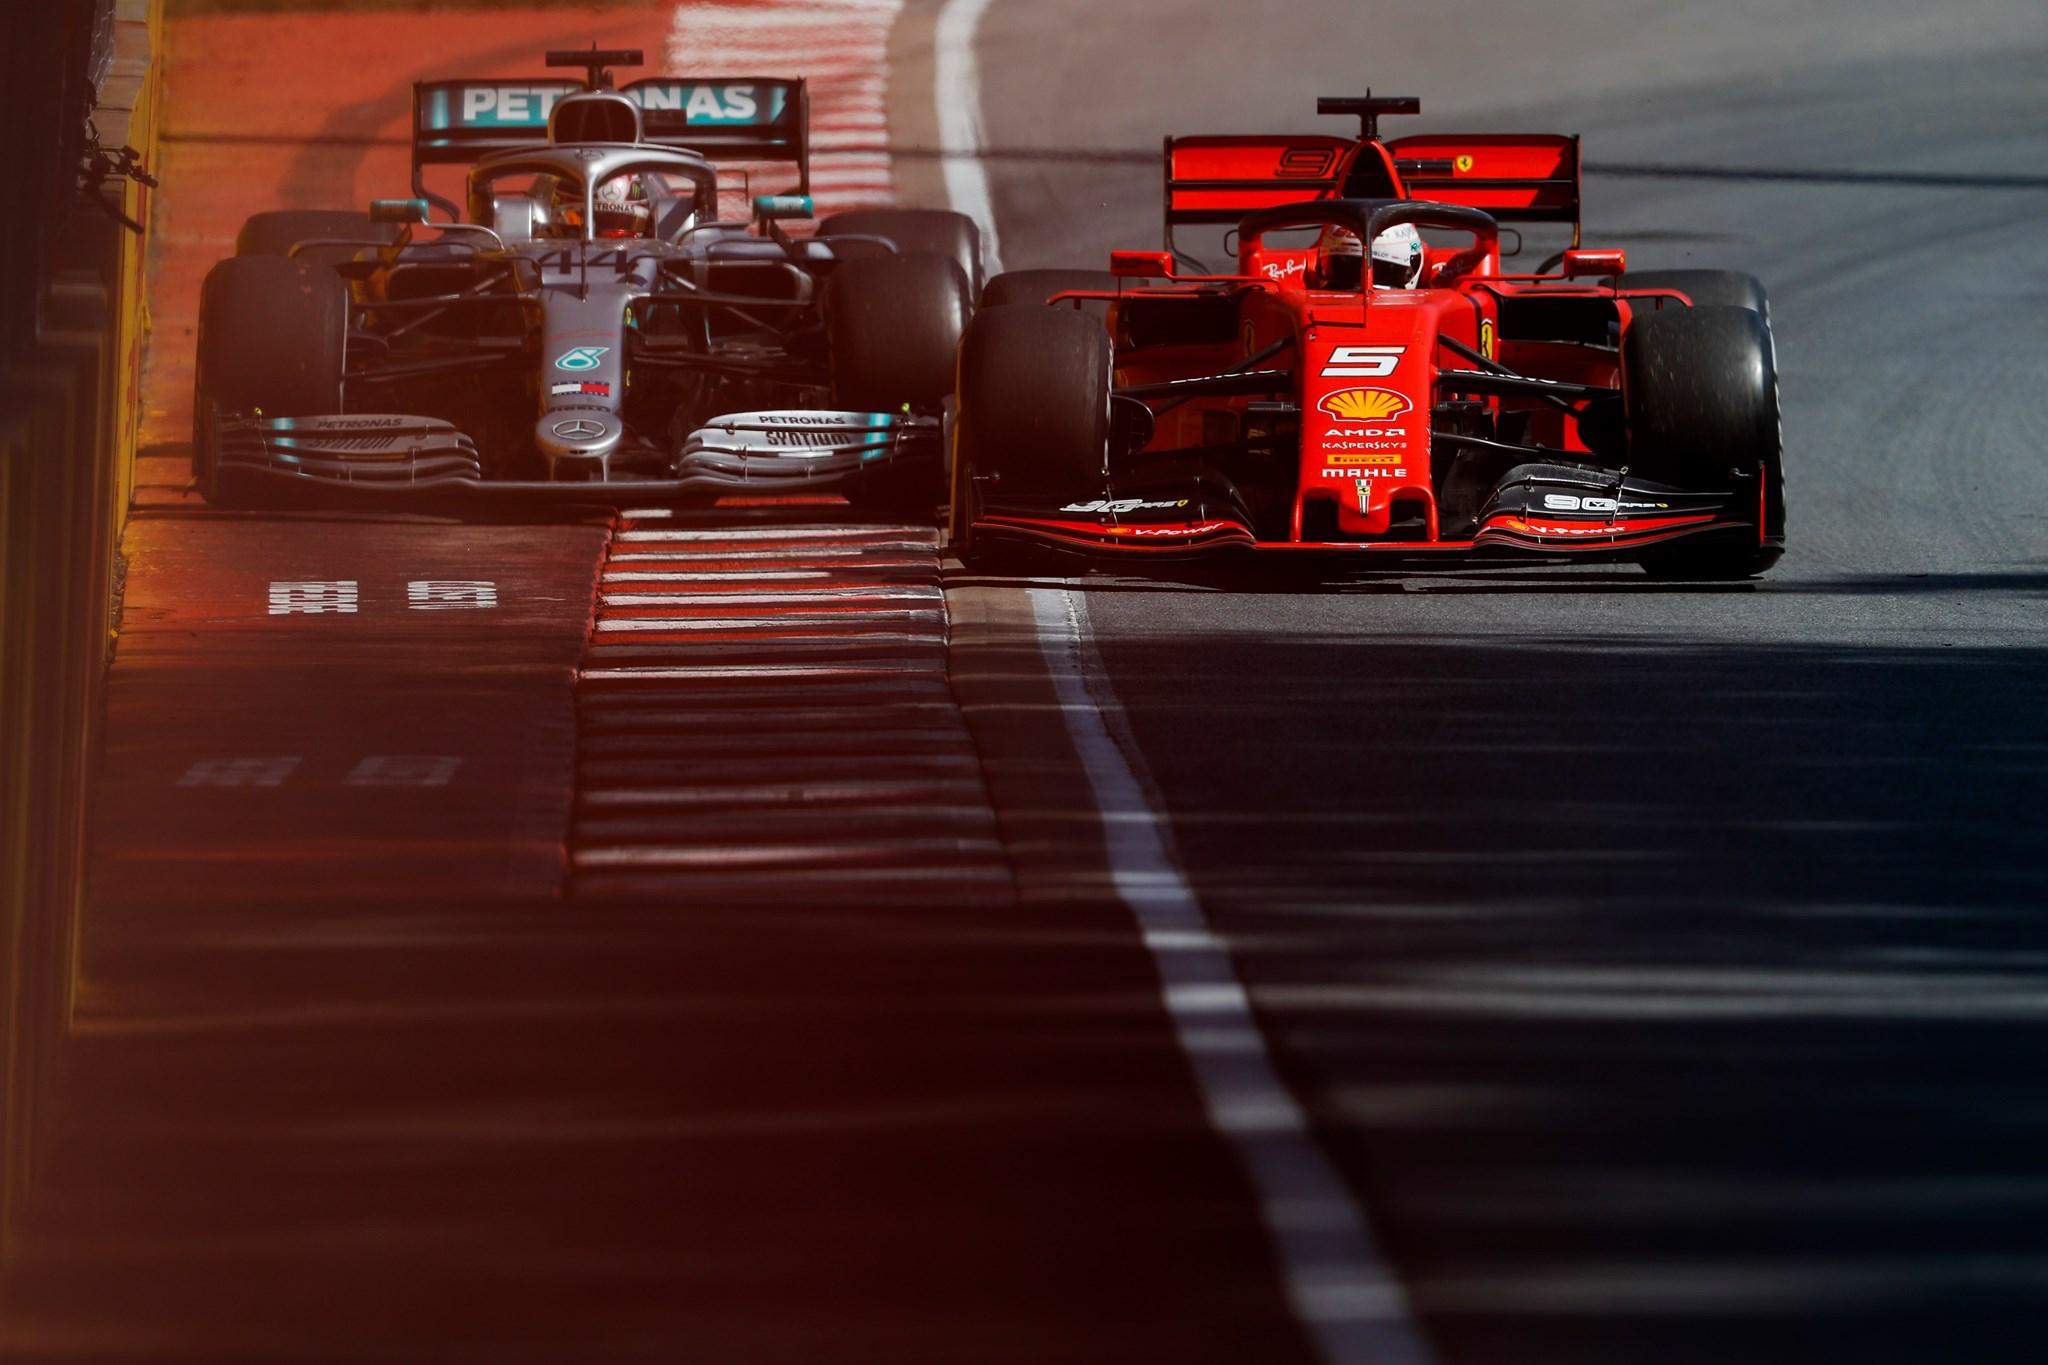 Kodėl S. Vettelis buvo nubaustas Kanadoje, o L. Hamiltonas 2016 m. išvengė baudos